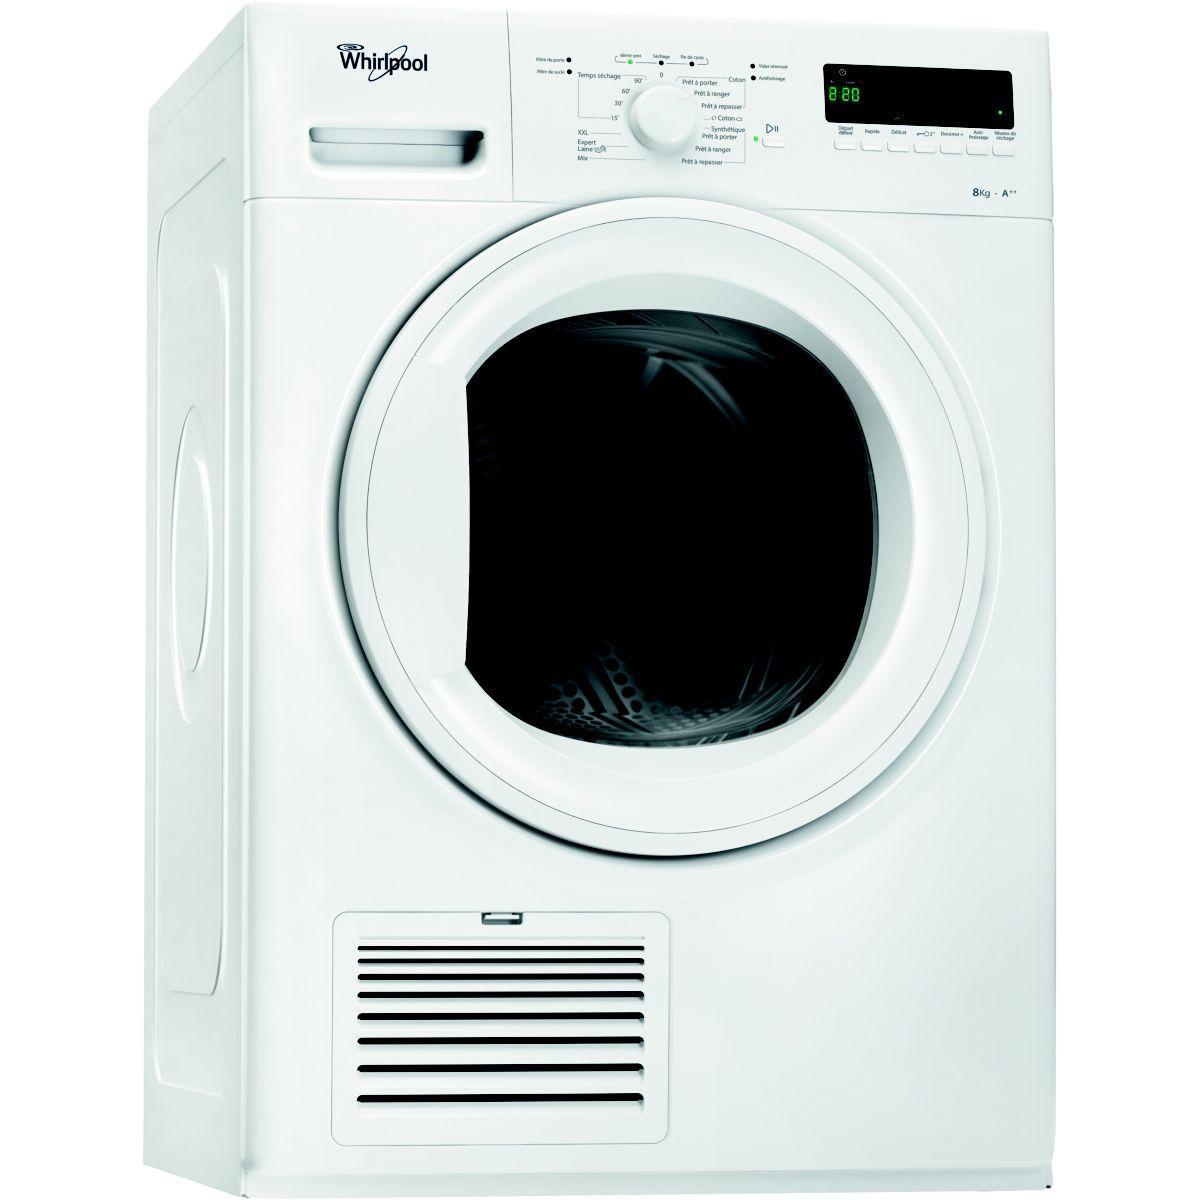 Sl front whirlpool hgelx 80412 - 20% de remise immédiate avec le code : cool20 (photo)